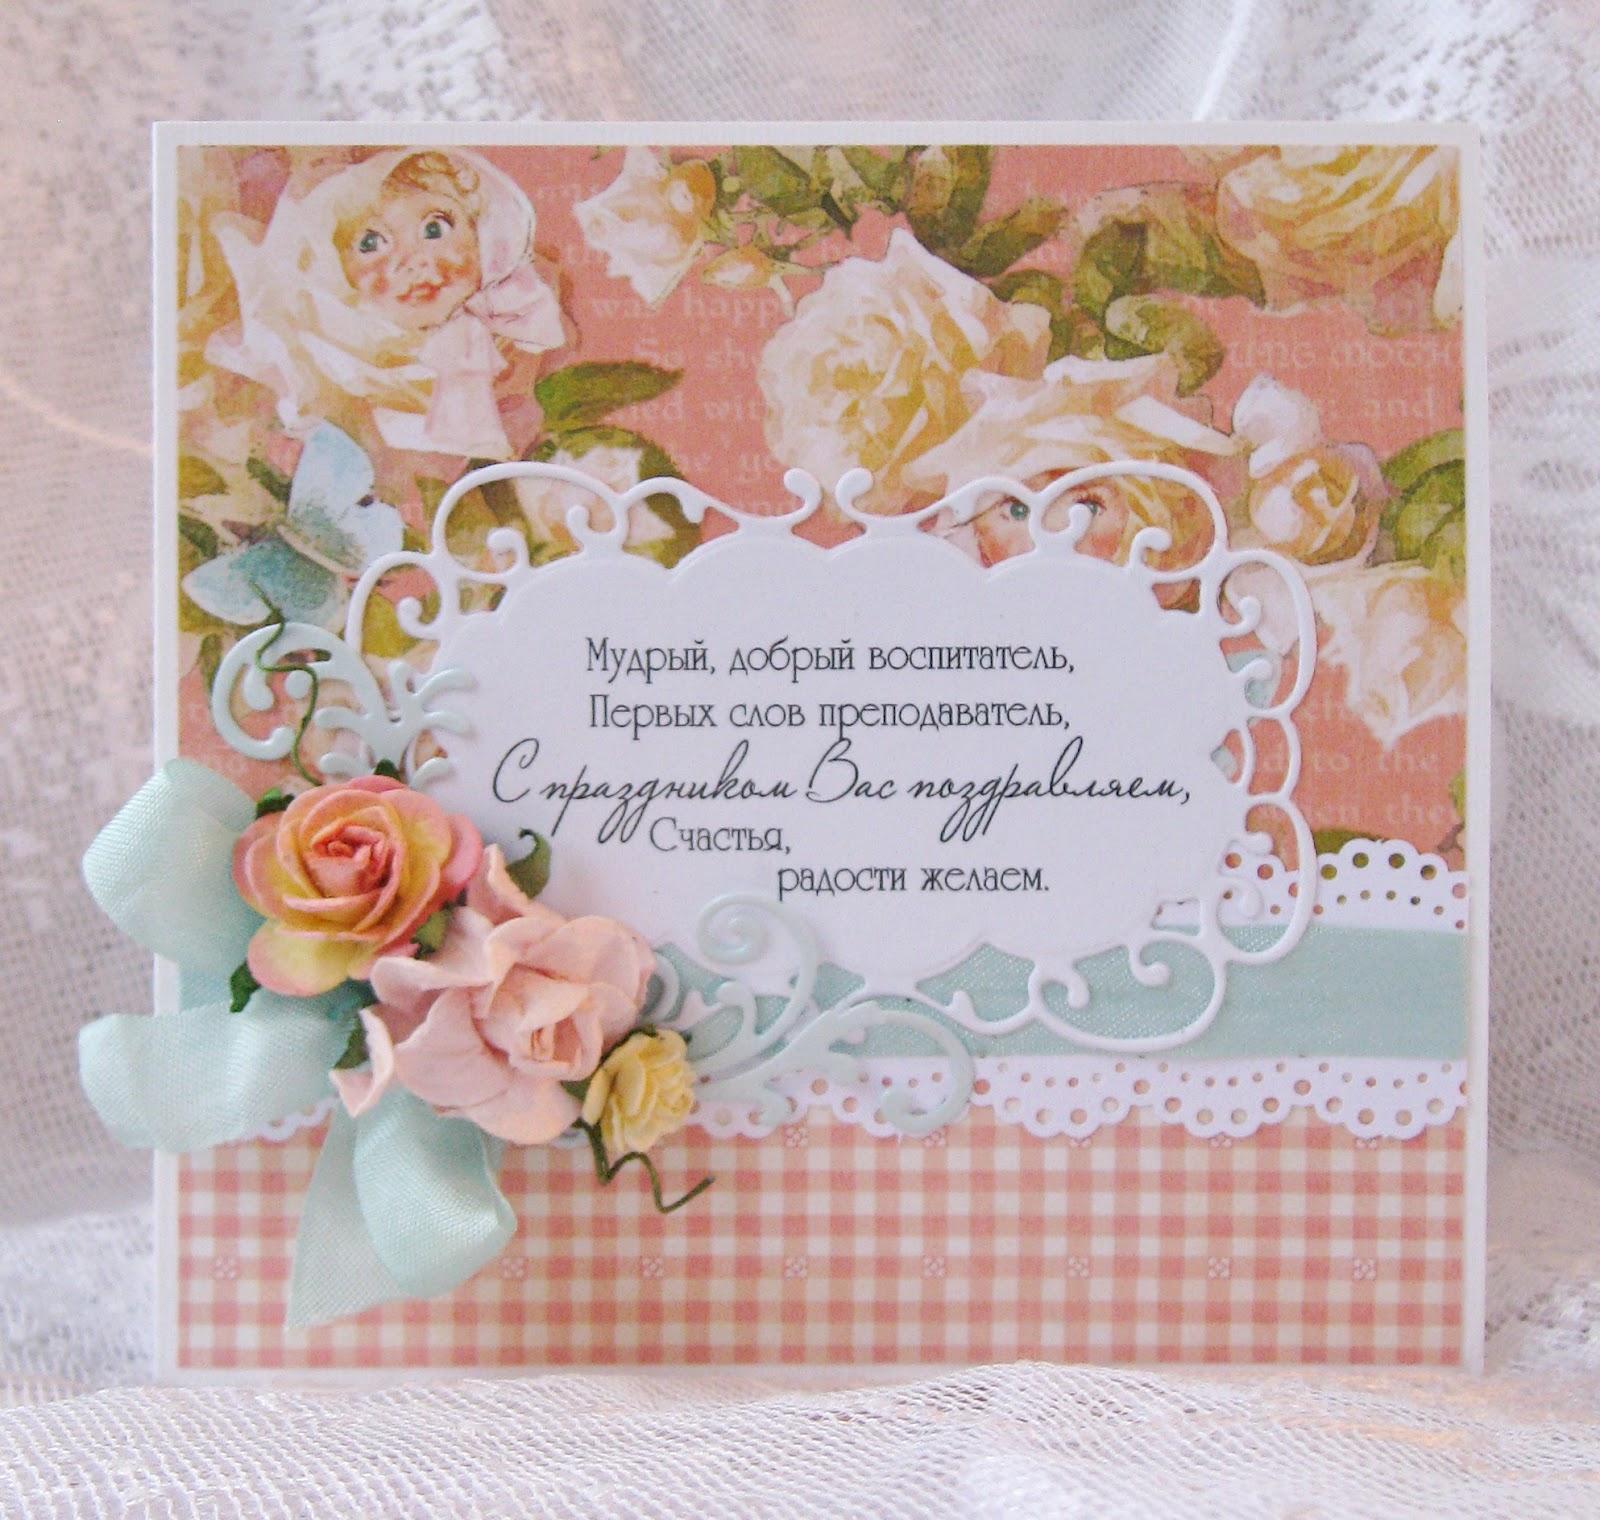 Скрапбукинг открытка с днем воспитателя от ребенка